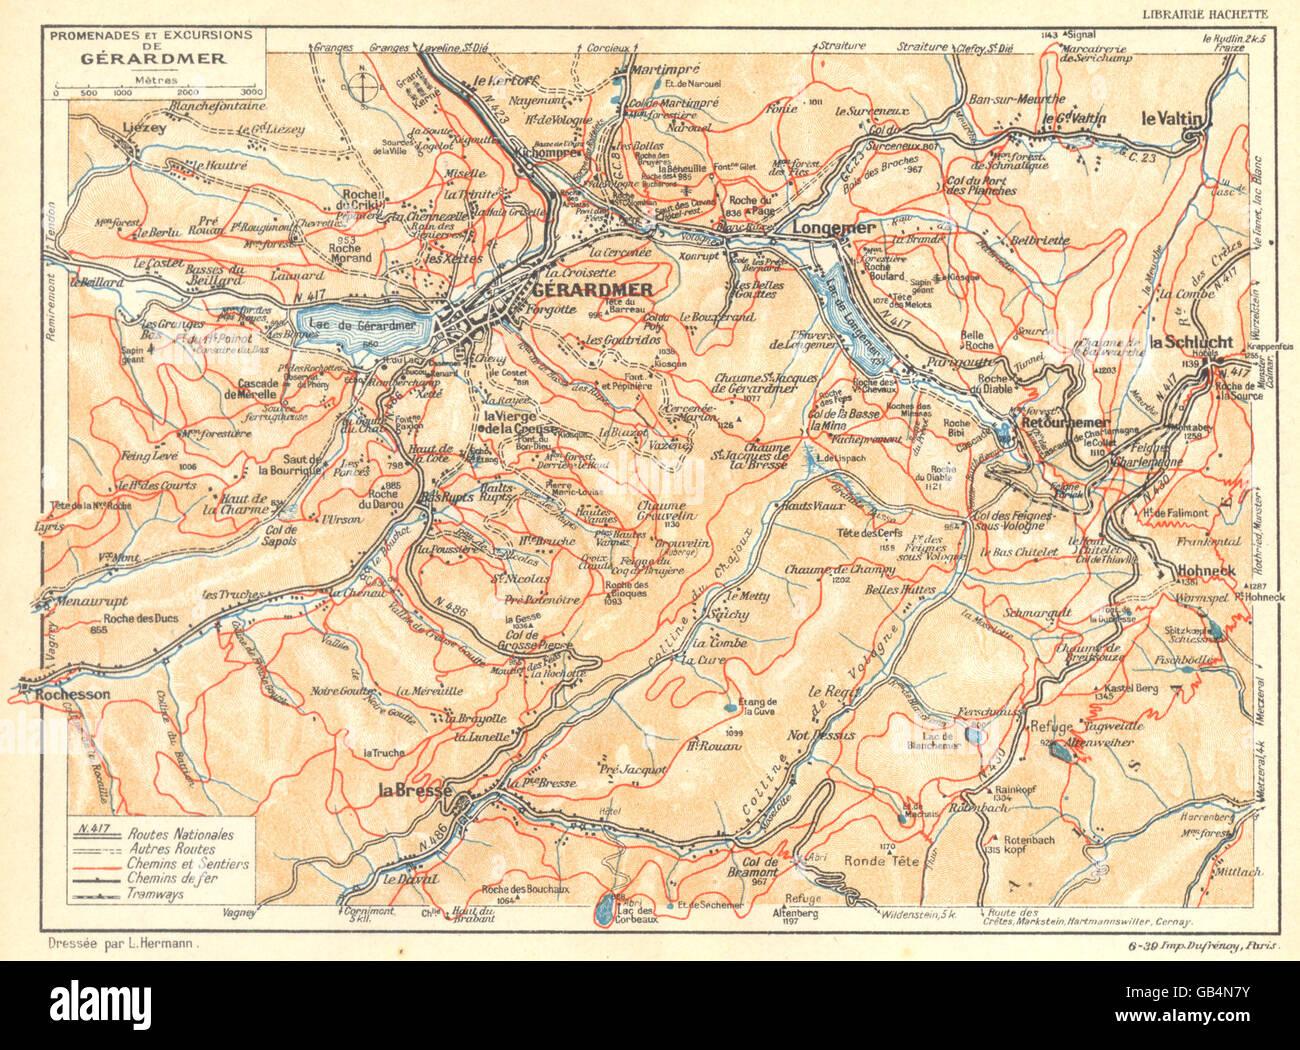 VOSGES: Promenades et Excursions de Gérardmer, 1939 vintage map Stock Photo